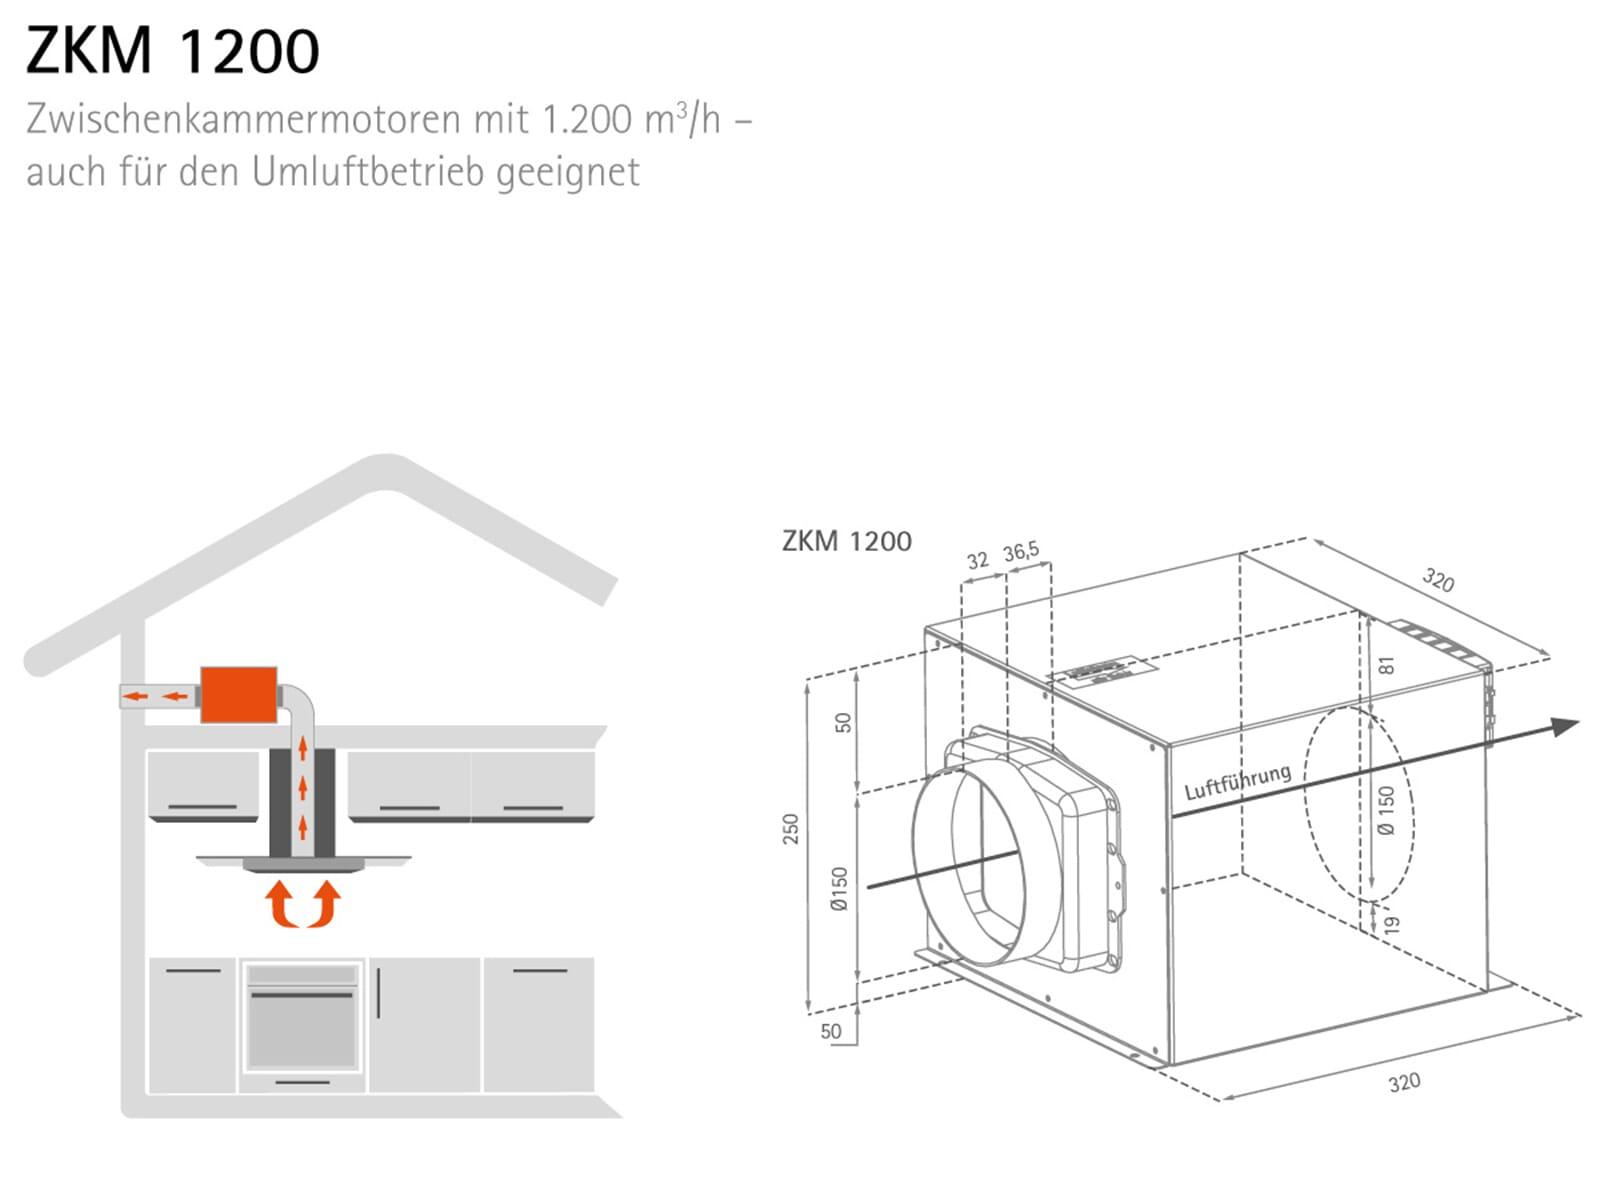 Silverline ZKM 1200 Zwischenkammermotor